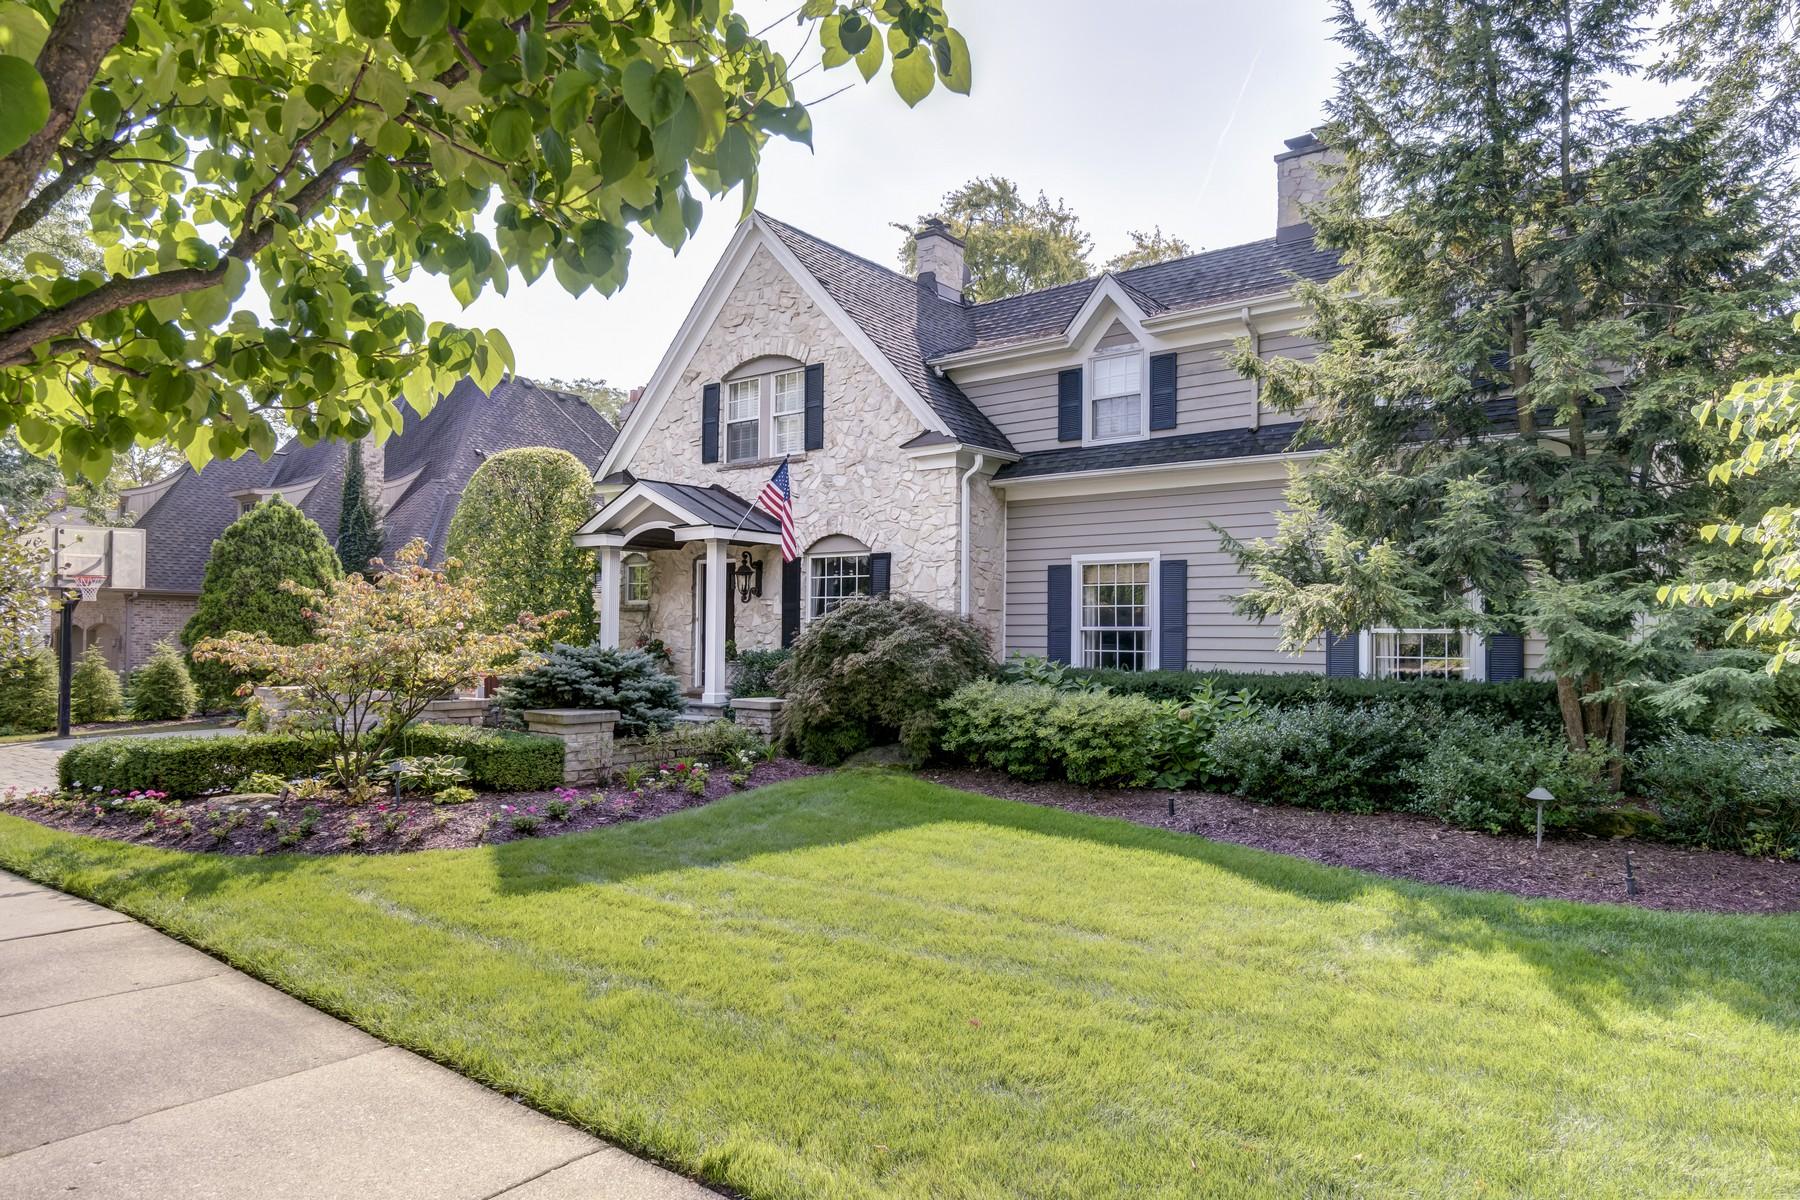 Casa para uma família para Venda às Beautiful Traditional Home 218 W Hickory Street Hinsdale, Illinois, 60521 Estados Unidos